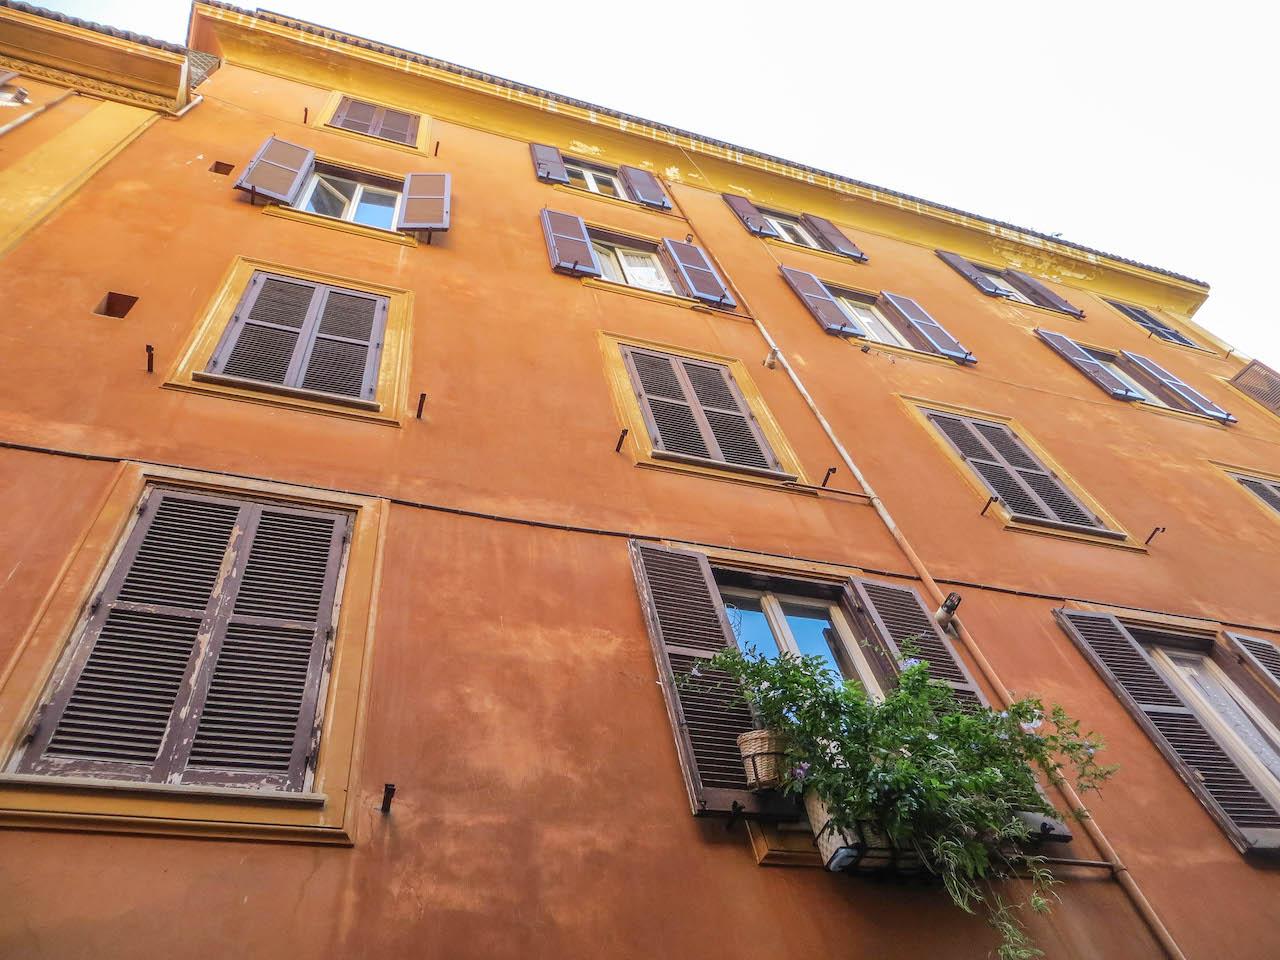 Monti, eines der schönsten Viertel in Rom.